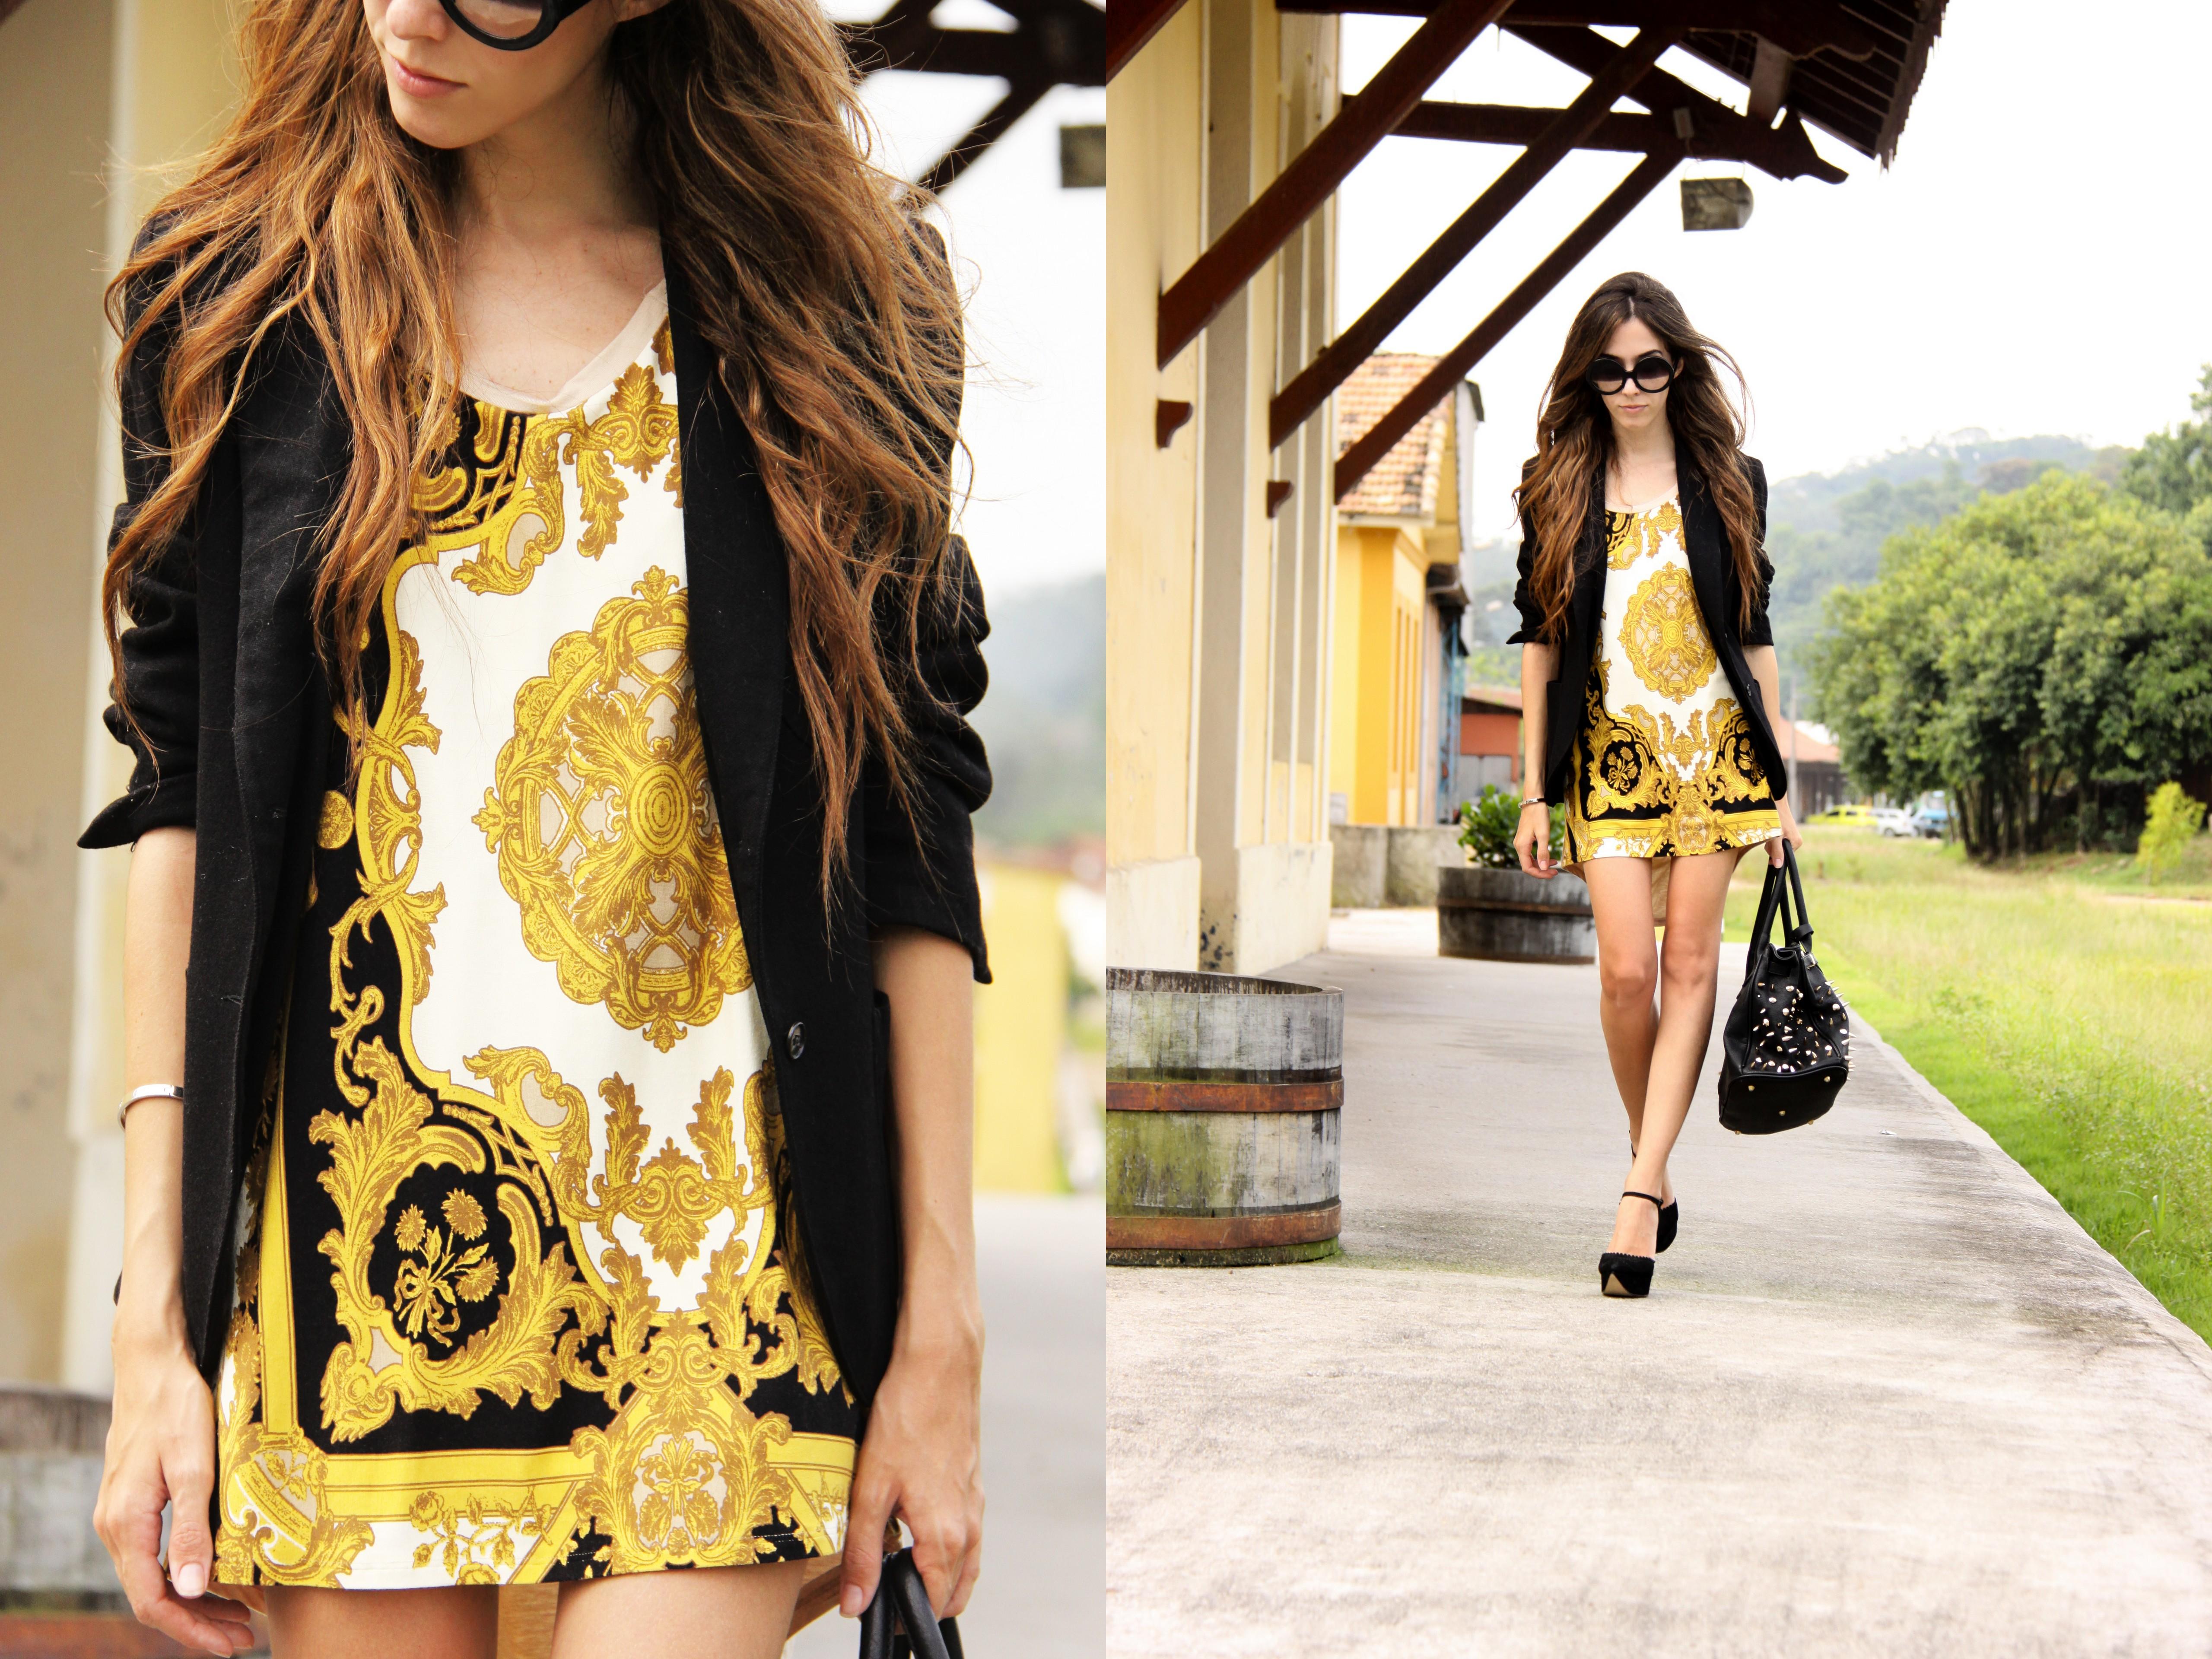 FashionCoolture - 08.03.2013 Farol Shopping liquidação bicolor preto e branco barroco t-shirt paris ysl arezzo promoção (3)